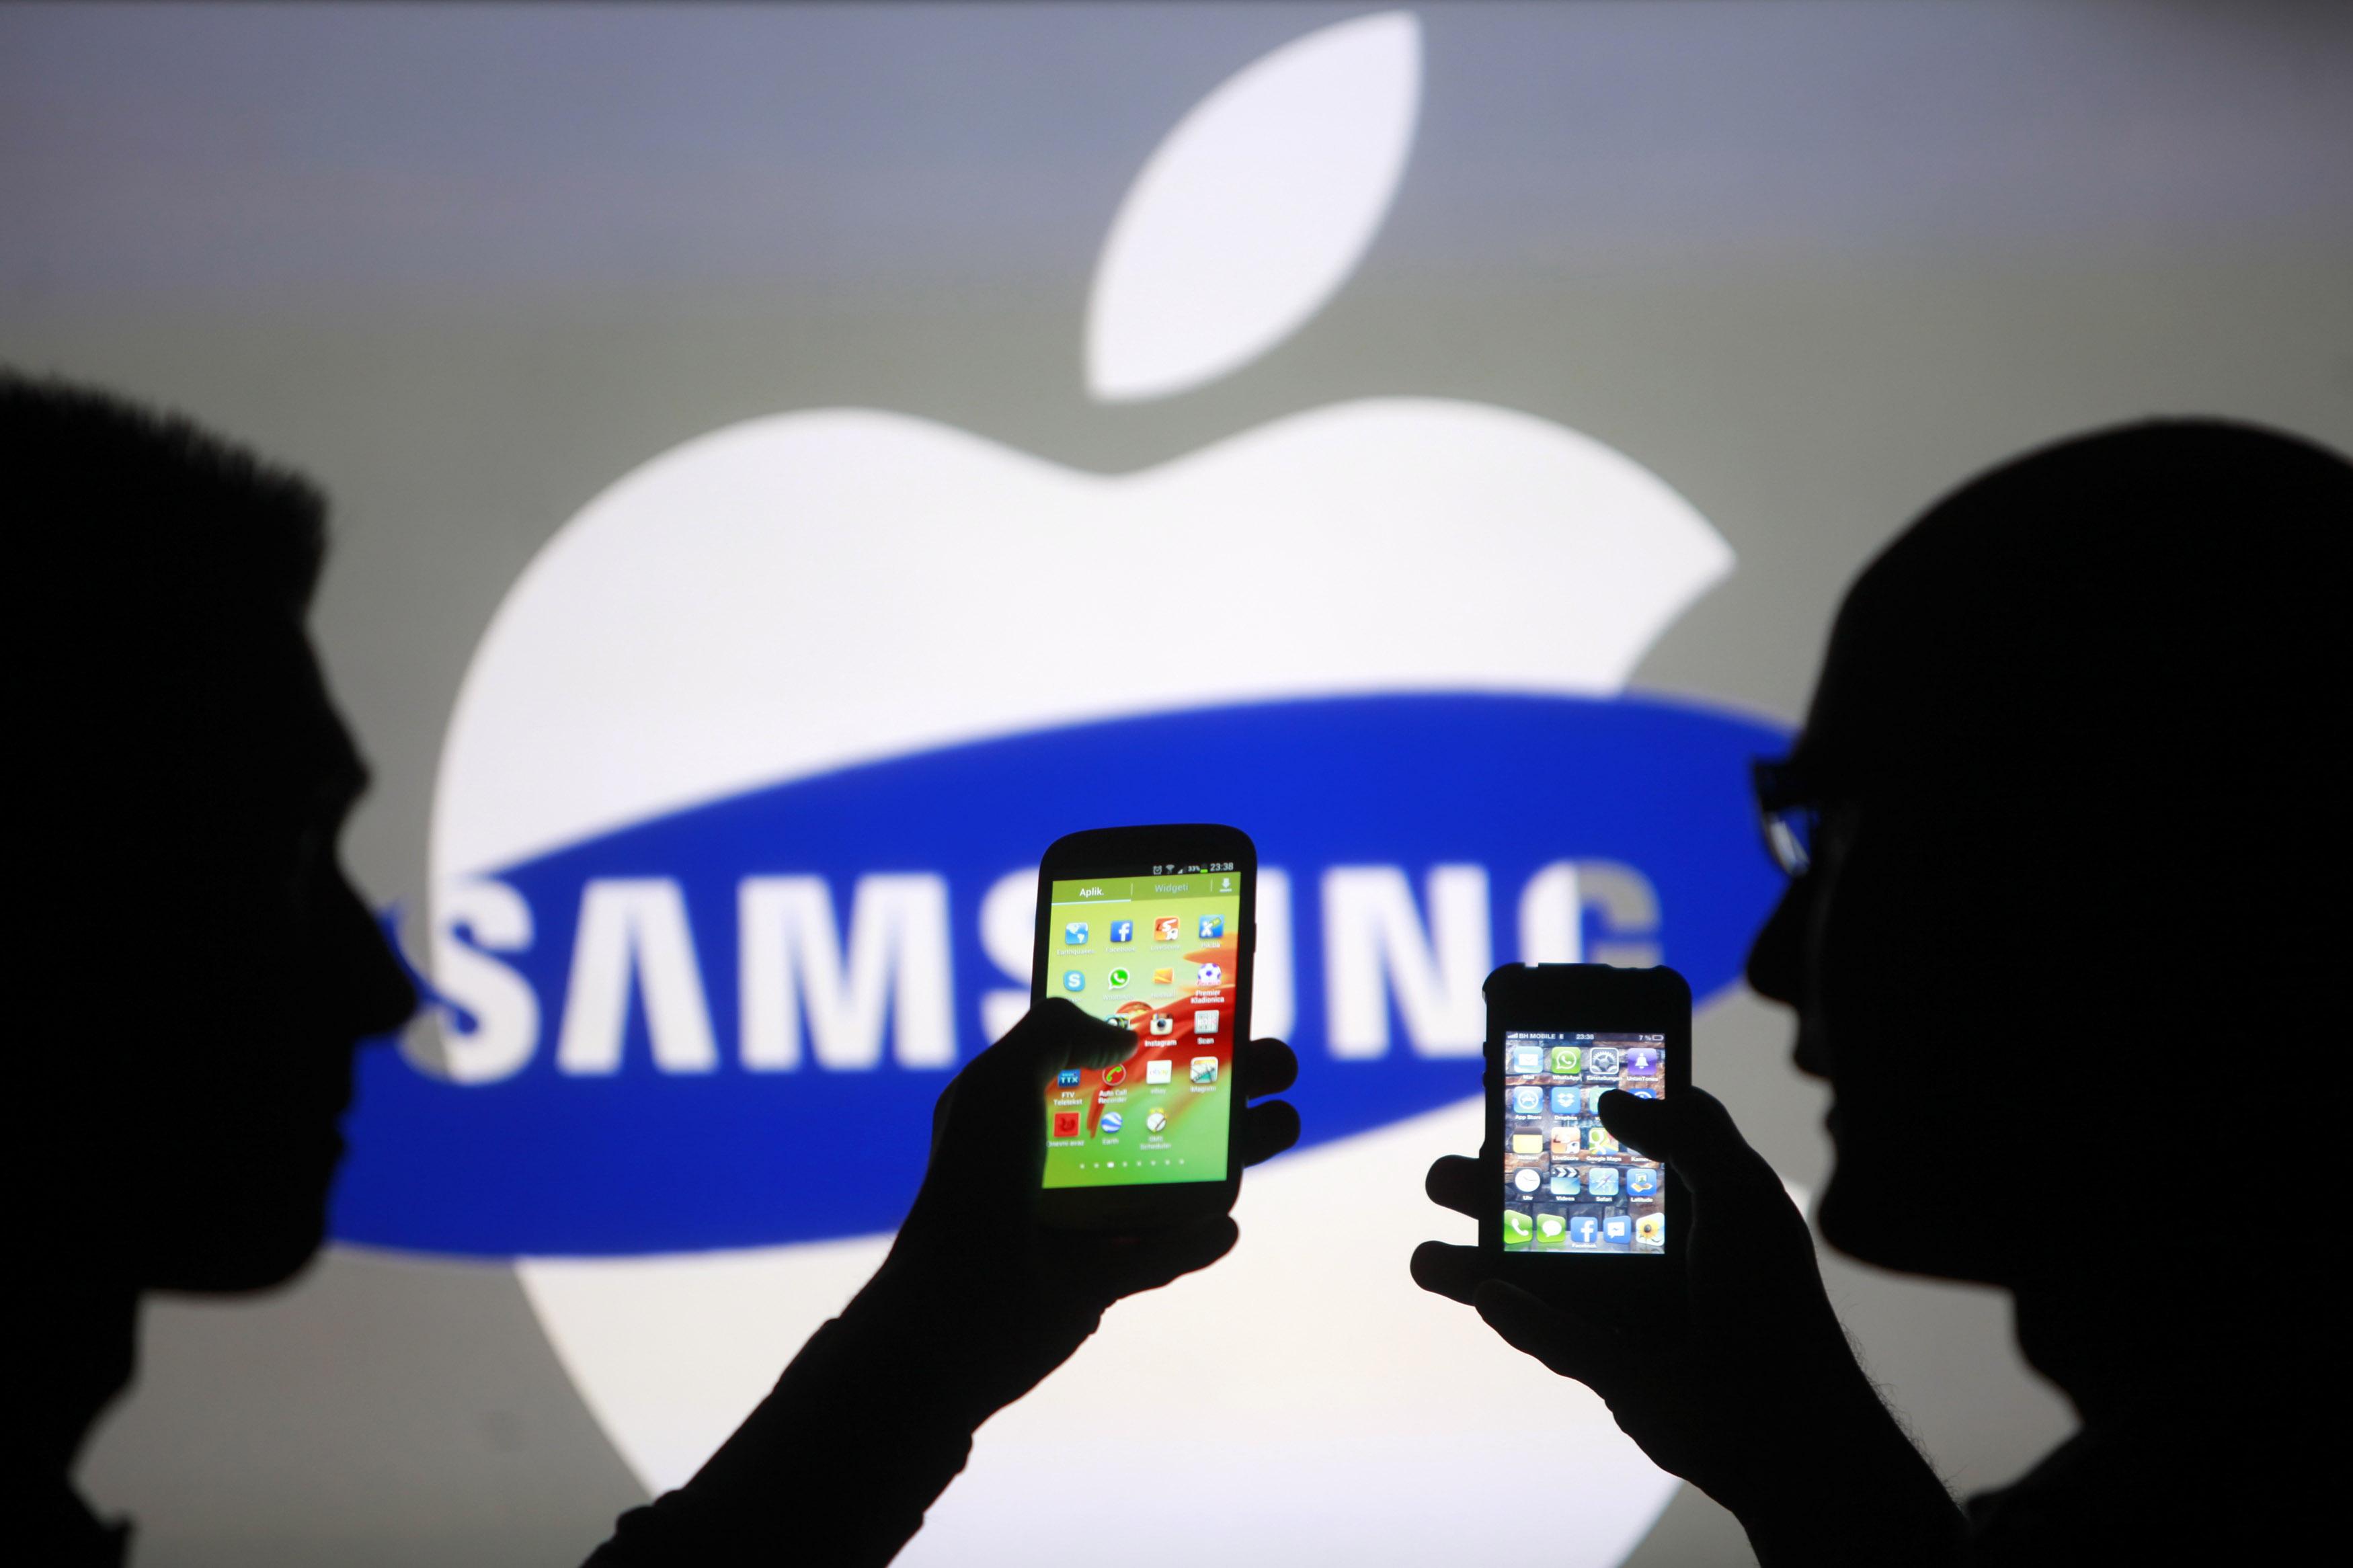 apple vs samsung Le prochain procès Apple vs Samsung est fixé à mars 2016